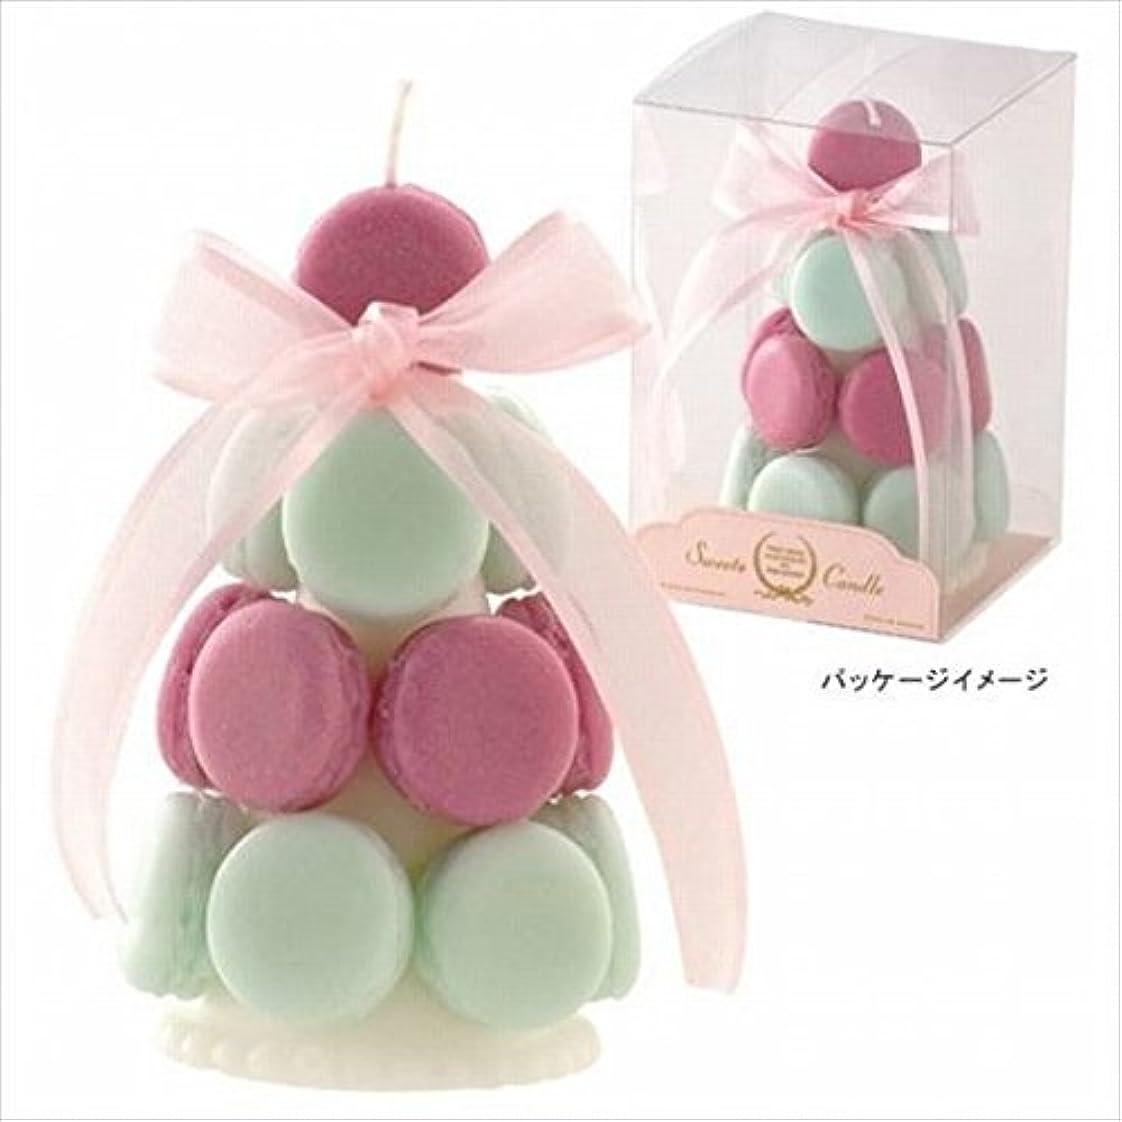 噂二層正確なkameyama candle(カメヤマキャンドル) ハッピーマカロンタワー 「 メロングリーン 」(A4580520)